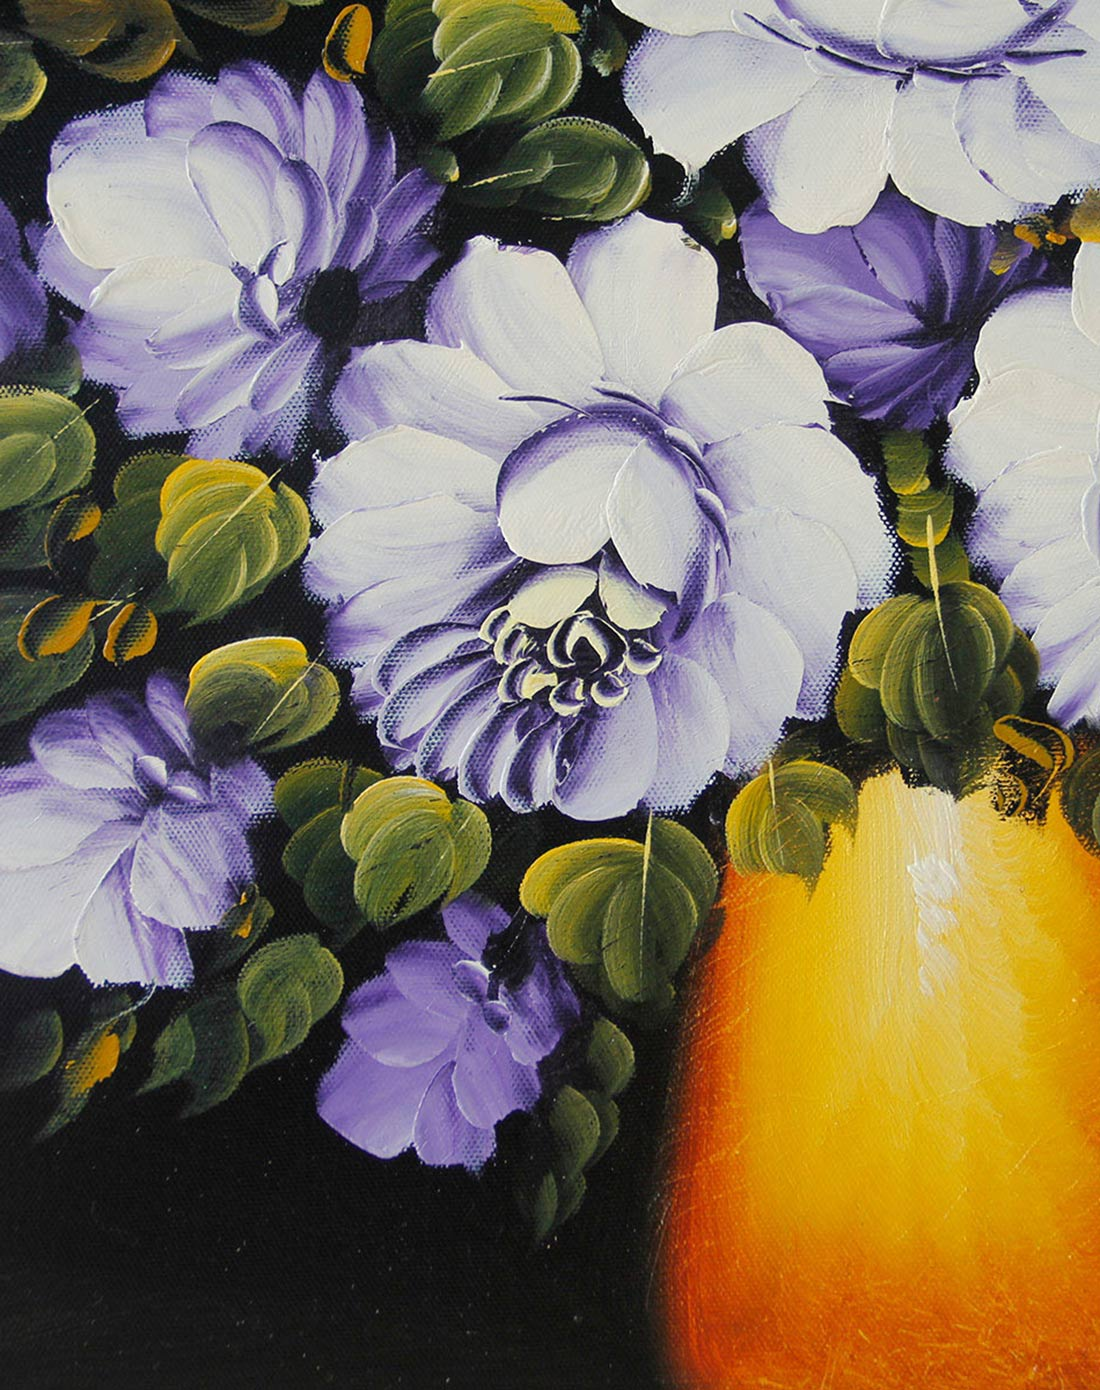 《紫玫瑰》纯手绘油画价格(怎么样)